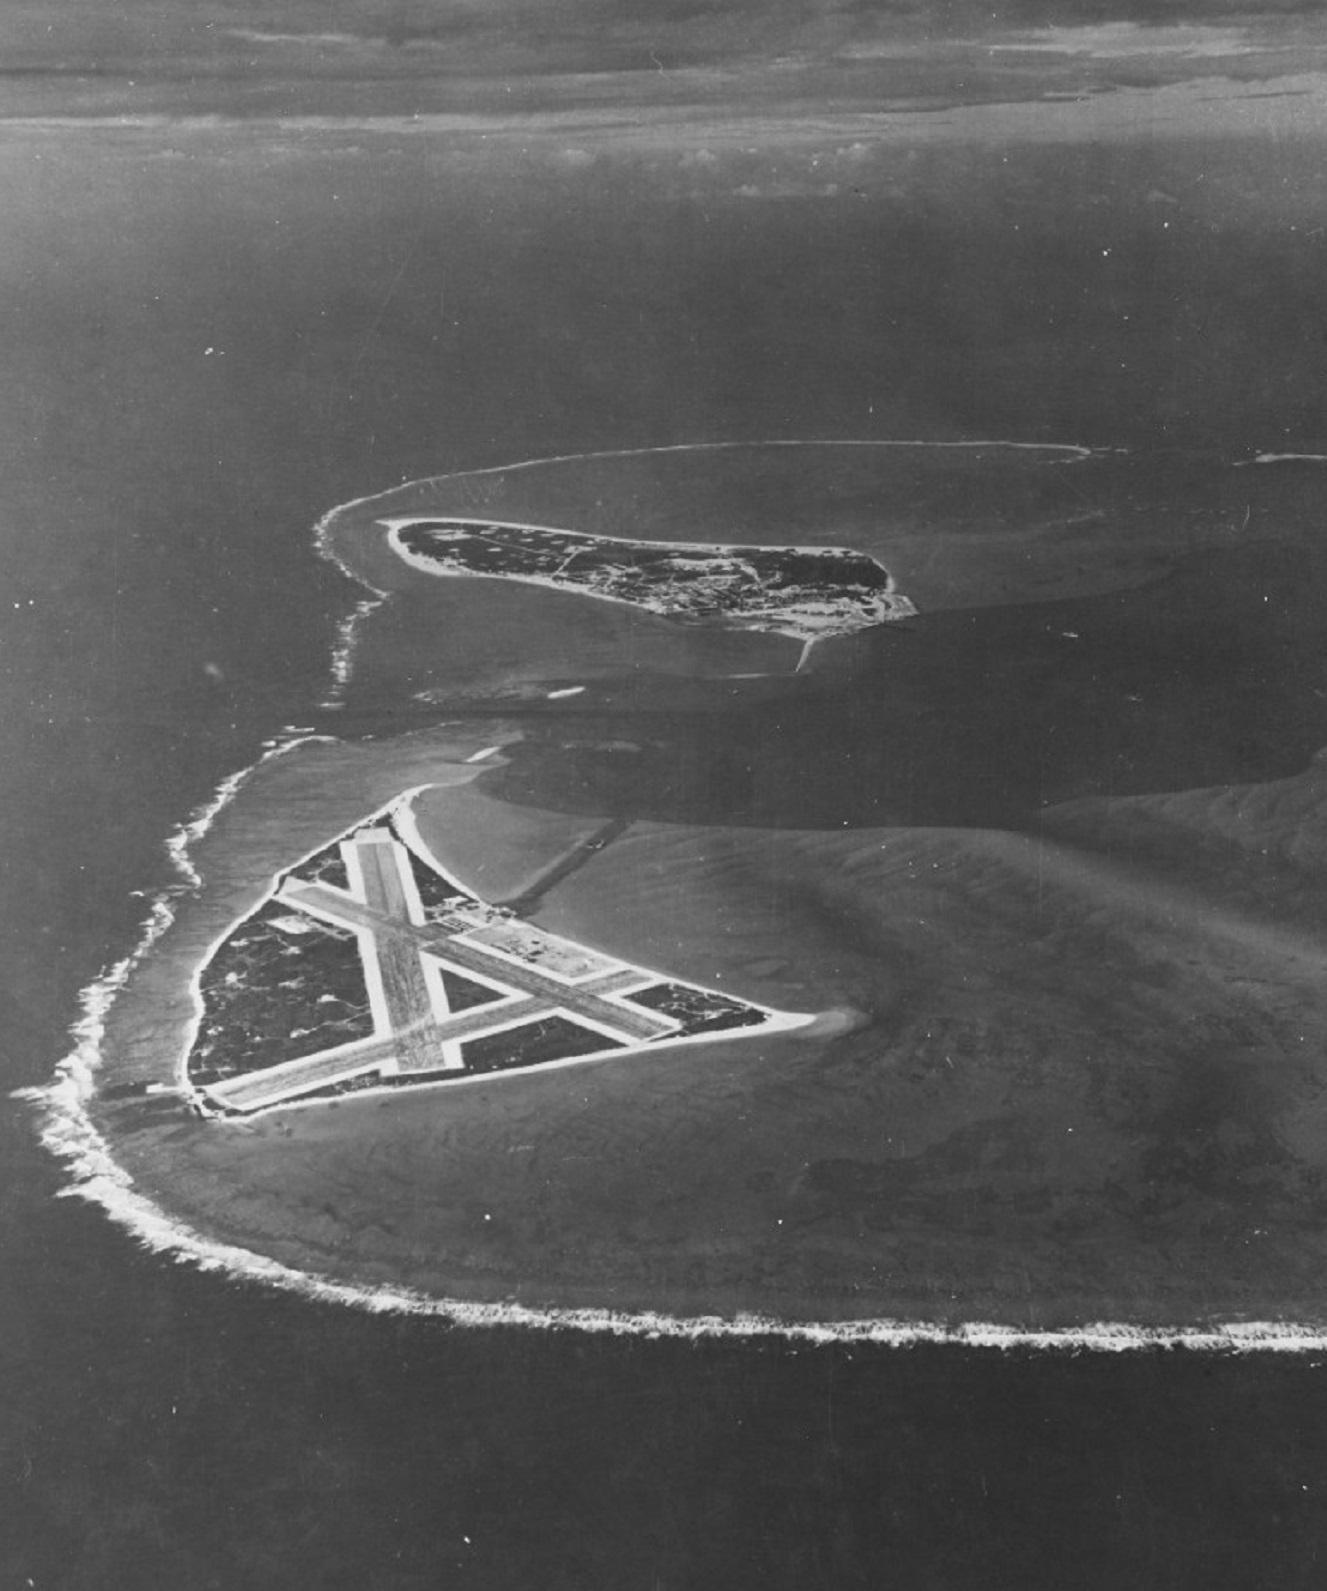 Pacific Battles - Pearl Harbor National Memorial (U S